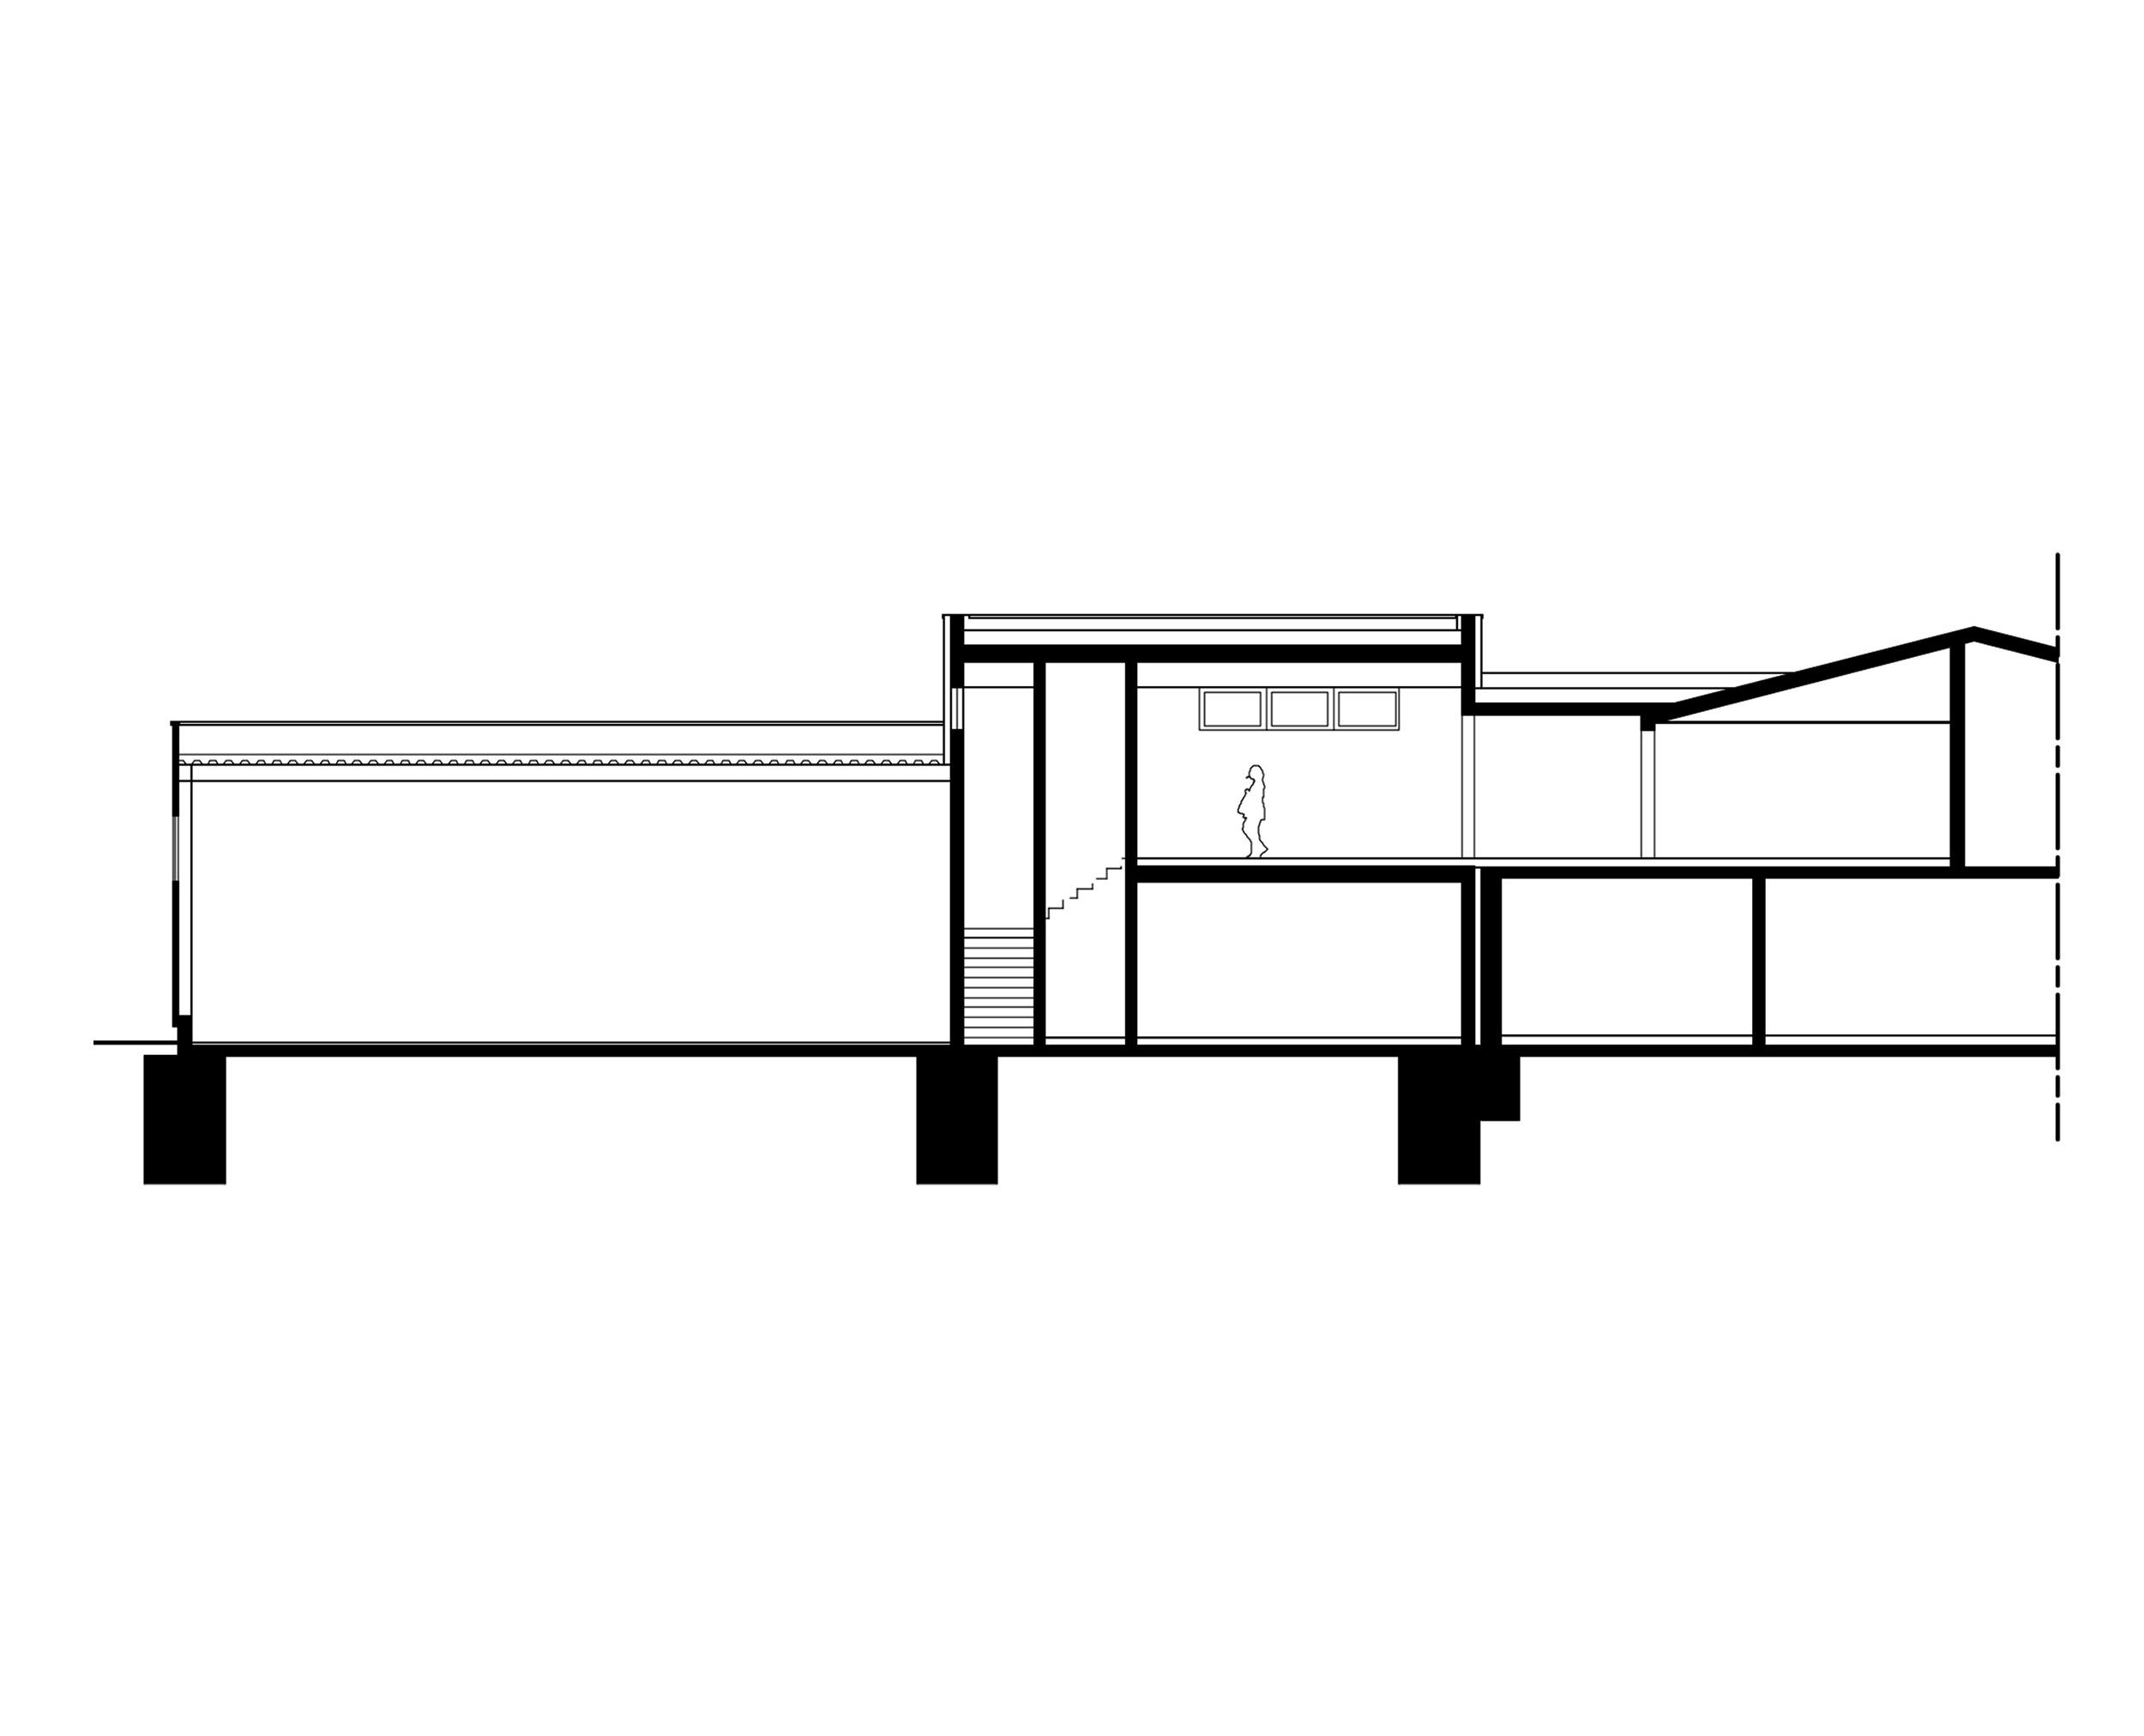 Henecka Architects